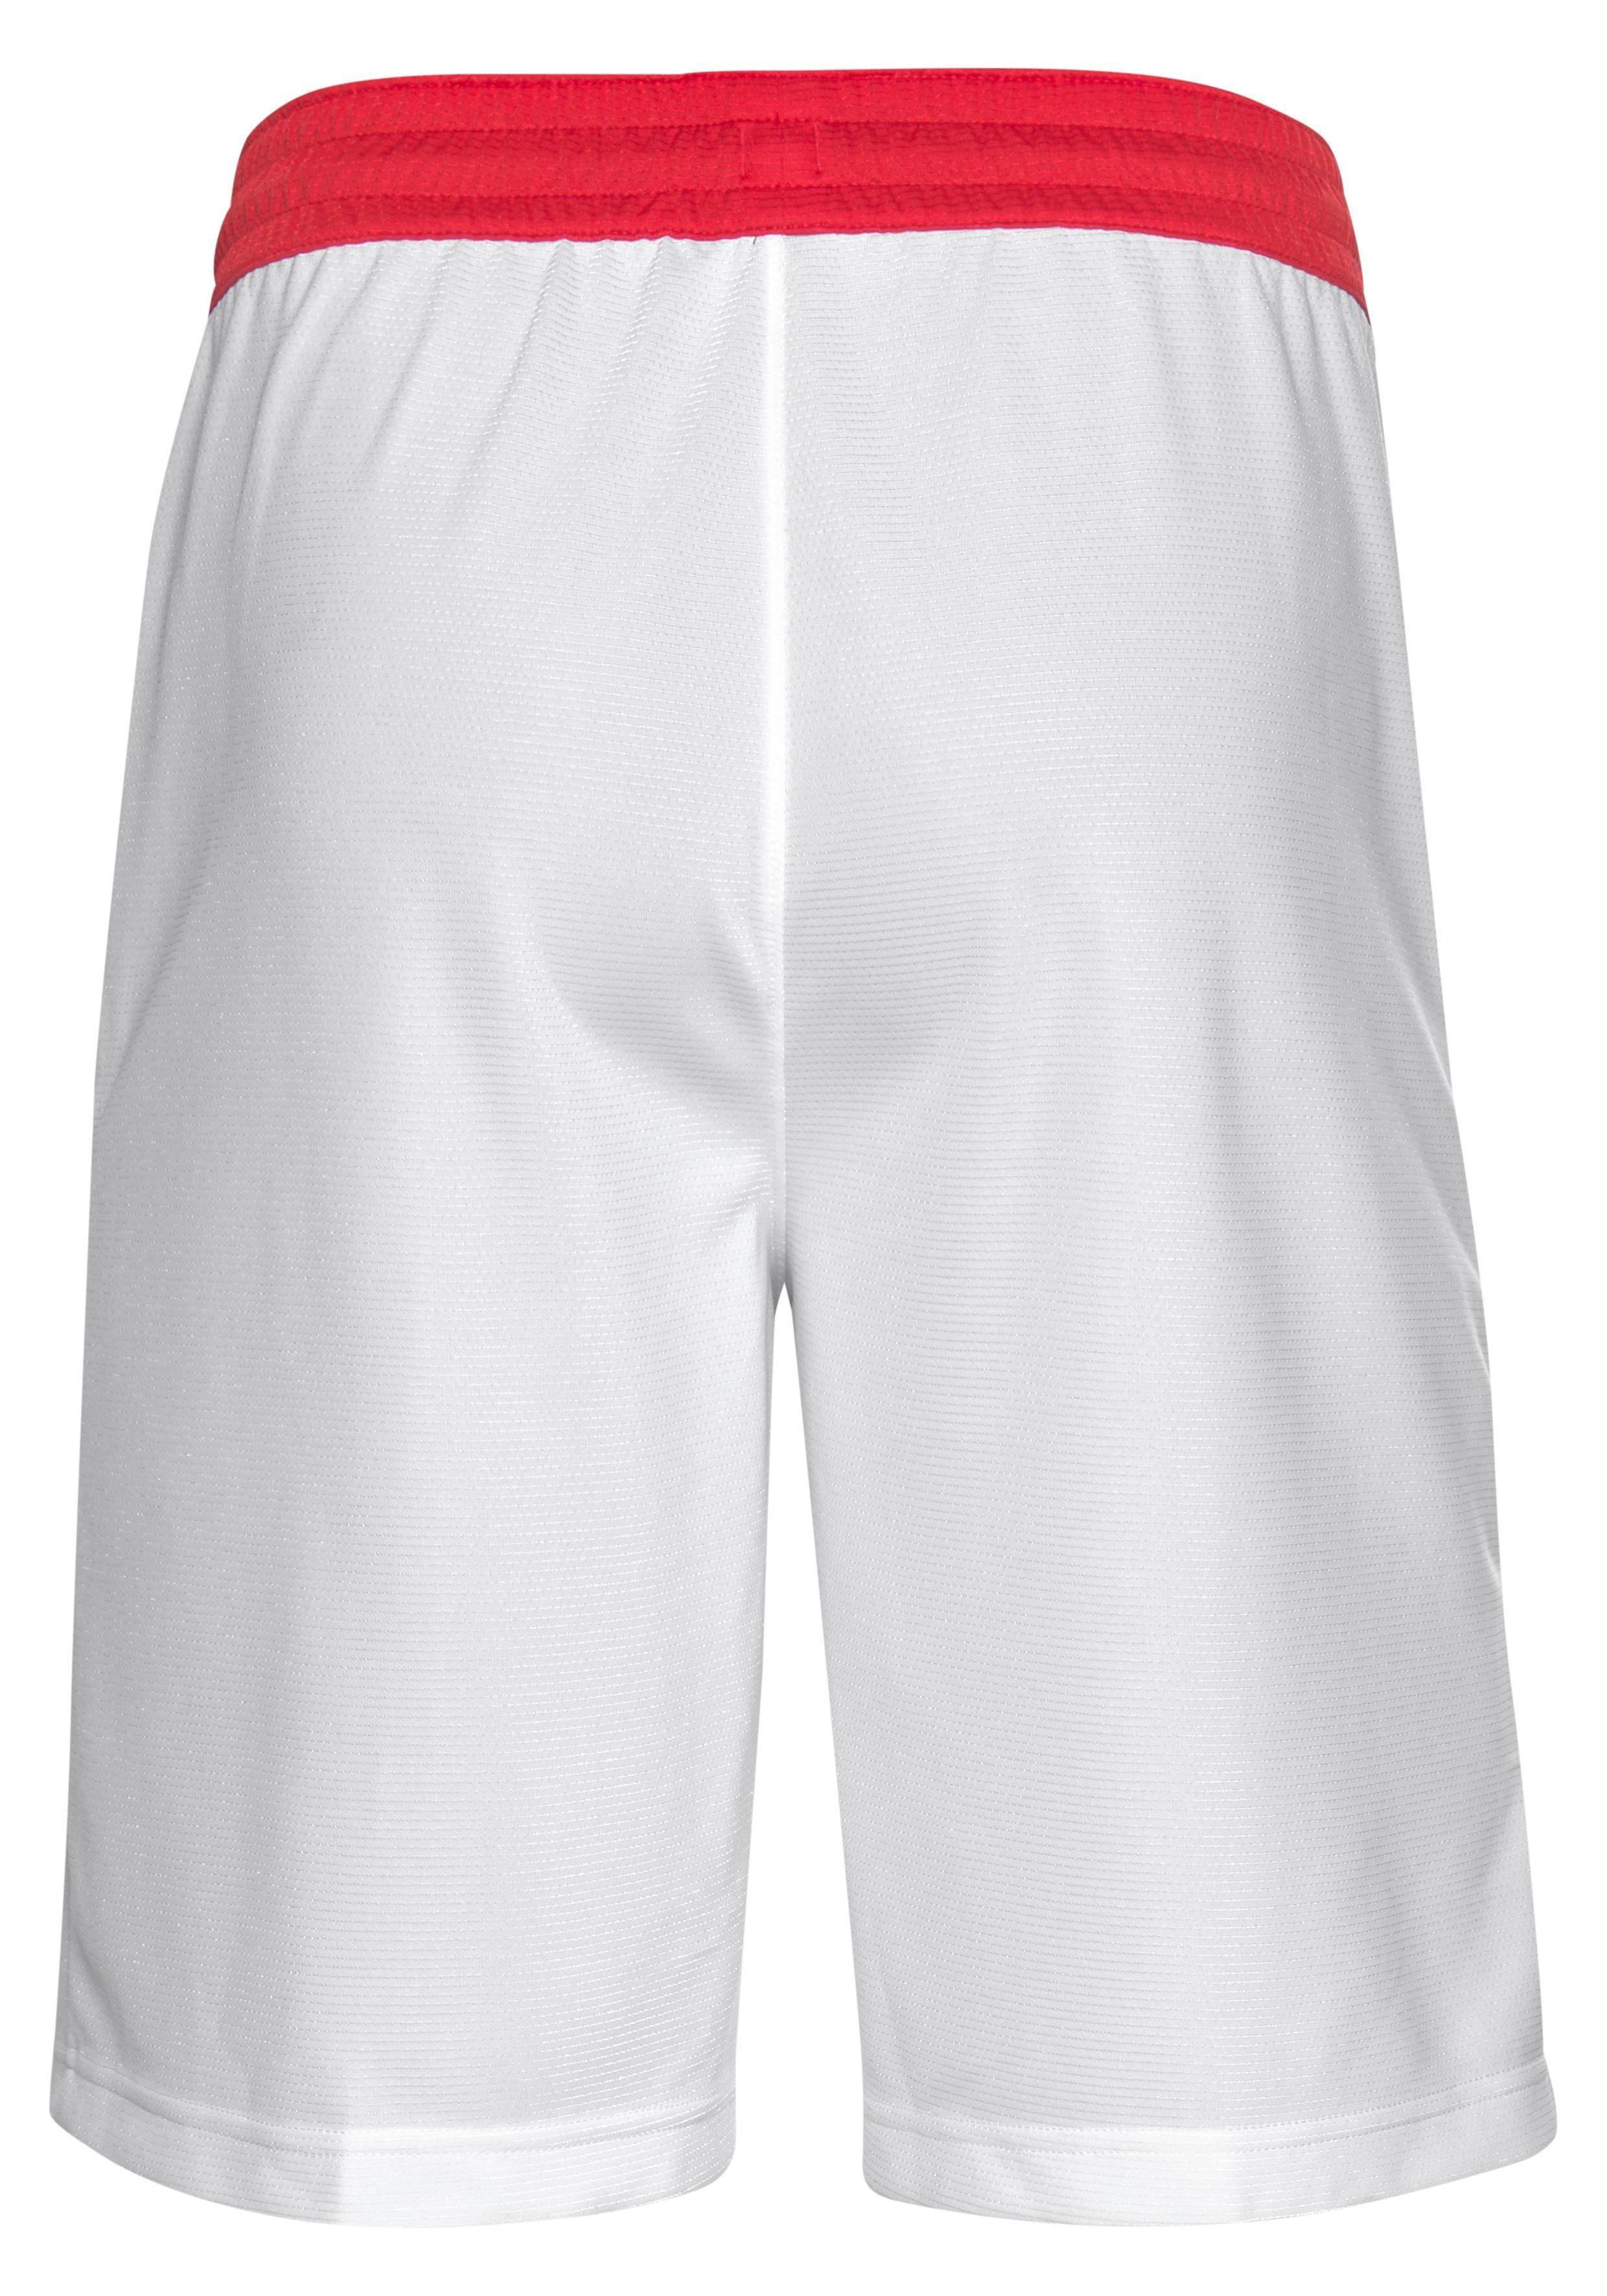 Nike Short Dri-fit Hbr Men's Basketball Shorts Vind Je Bij - Geweldige Prijs